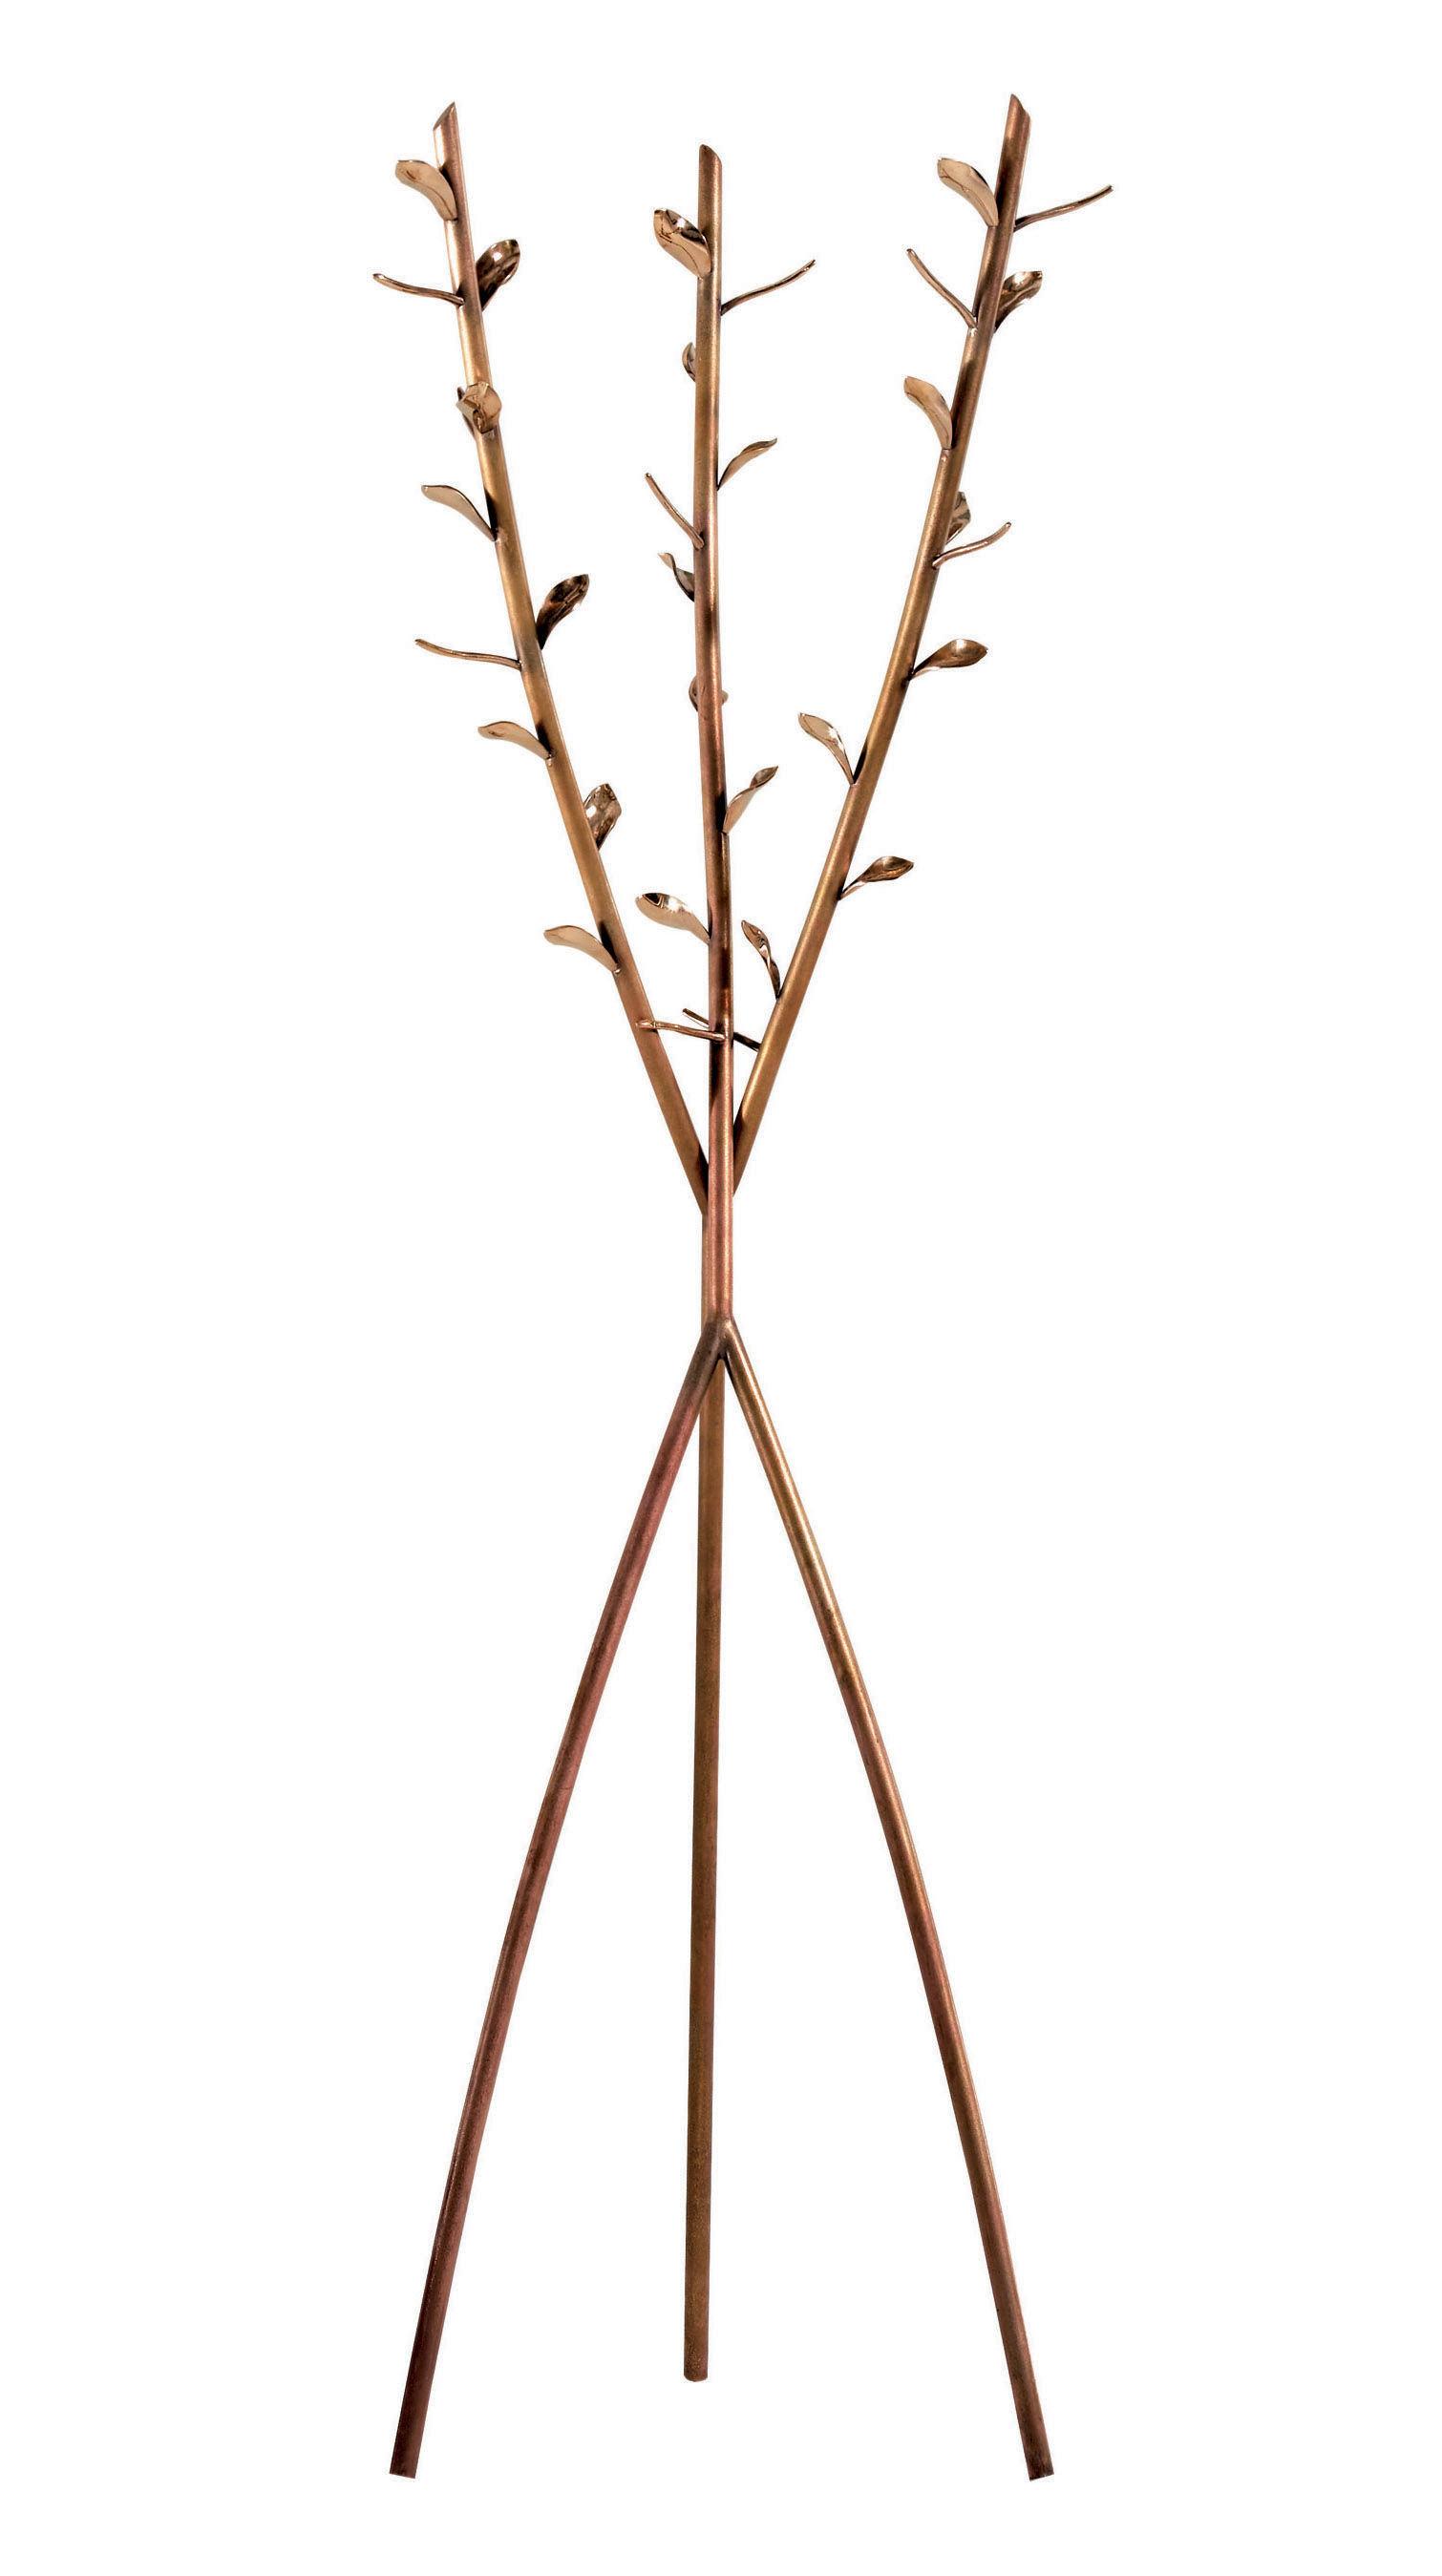 Möbel - Außergewöhnliche Möbel - Acate Garderobe - Driade - Messing - Messing